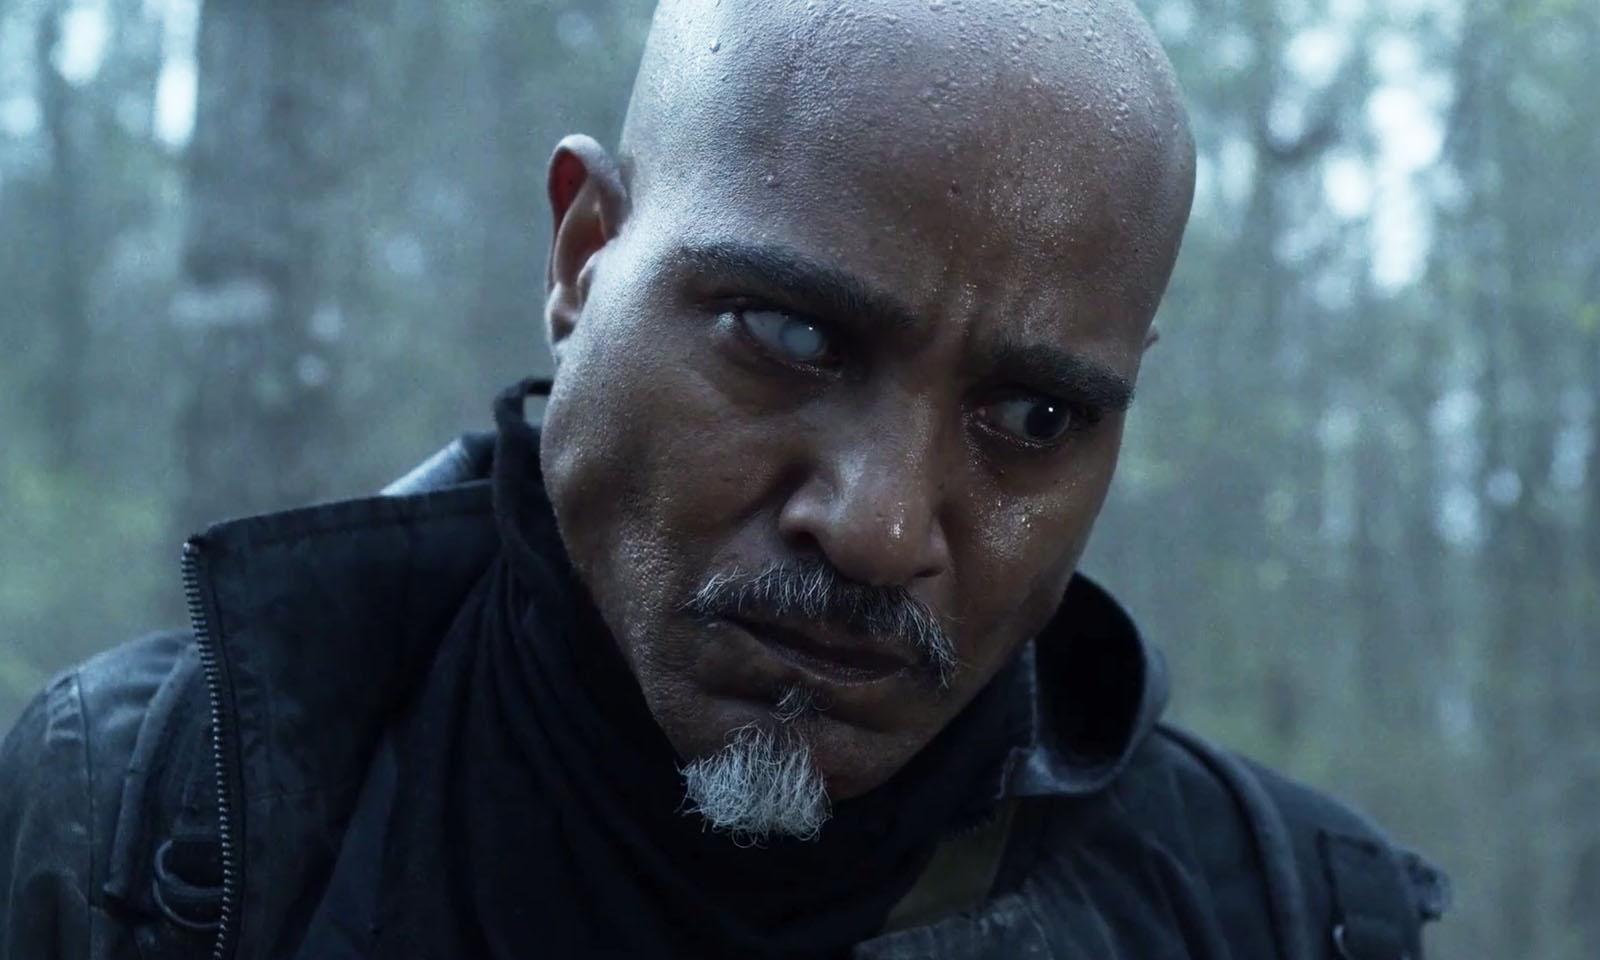 Gabriel encarando um ceifador ferido no episódio 3 da 11ª temporada de The Walking Dead.